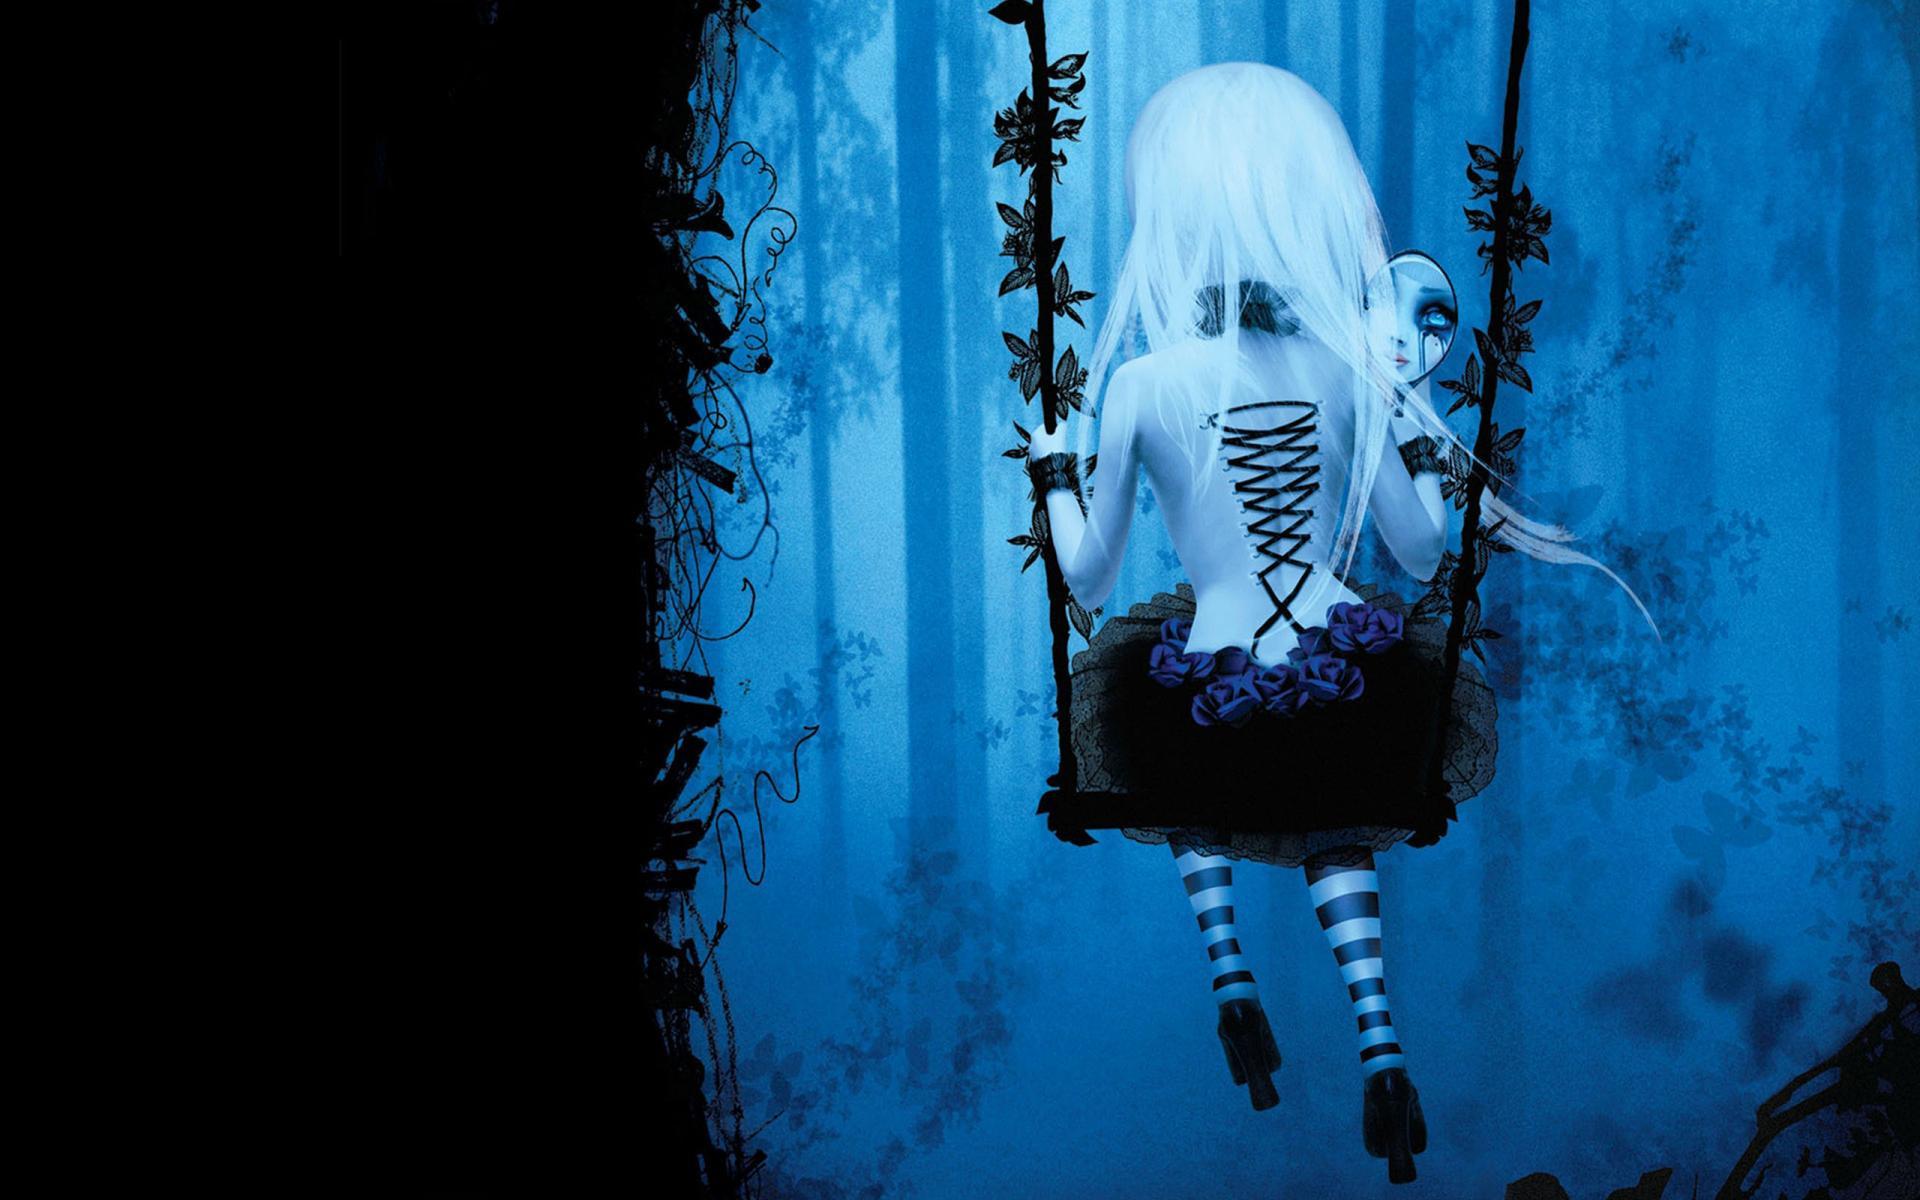 girl on dark wallpaper - photo #9